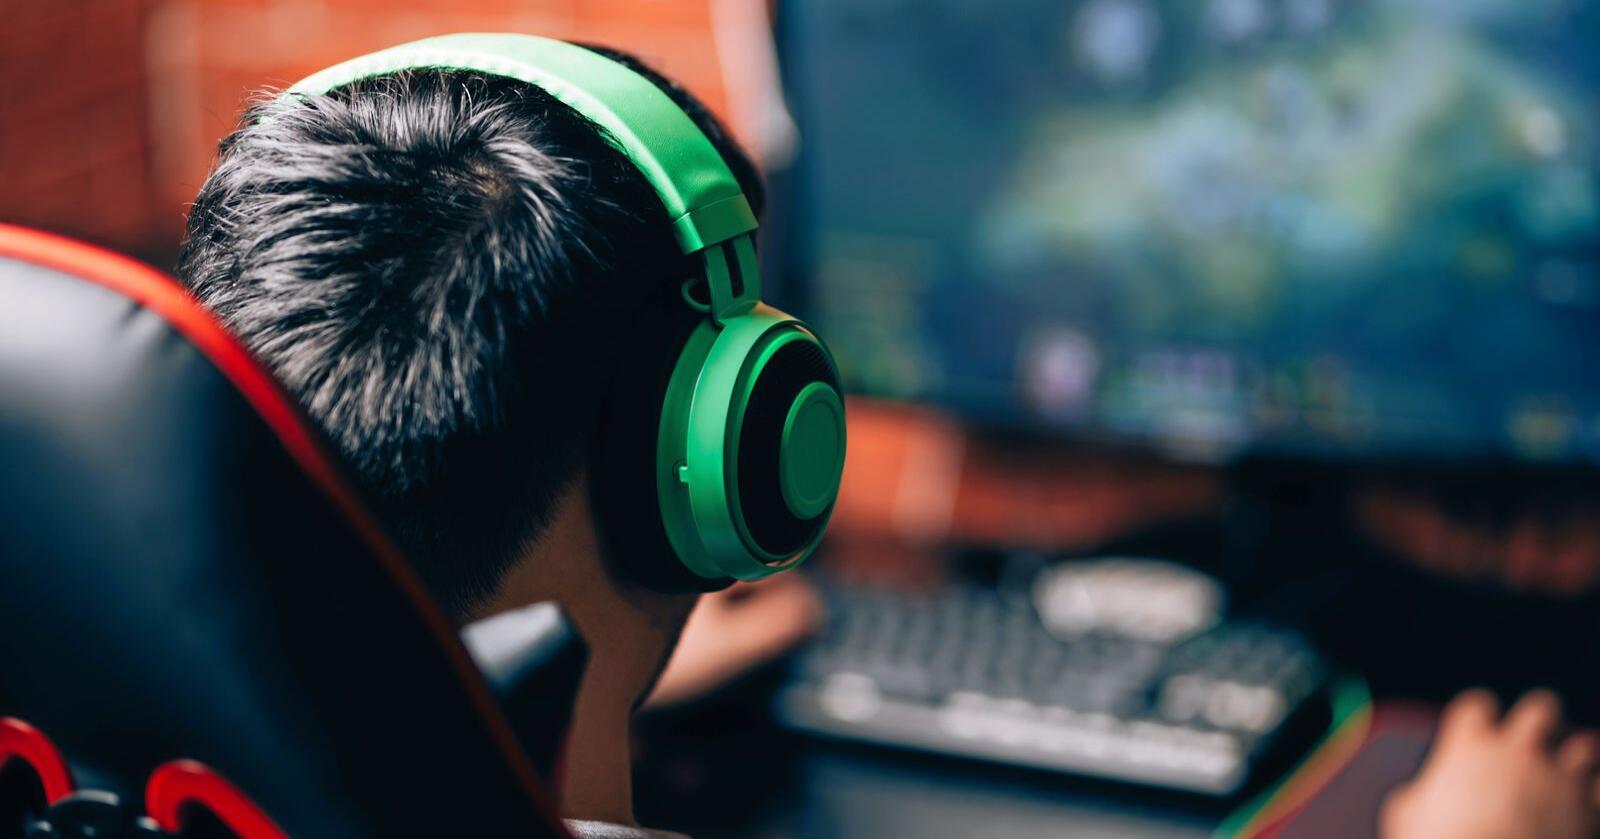 Utbredt aktivitet: Dataspill er ikke lenger et subkulturelt fenomen, som for et par tiår siden. I dag er det en viktig og utbredt fritidsaktivitet både blant barn, ungdommer og voksne. Foto: Mostphotos